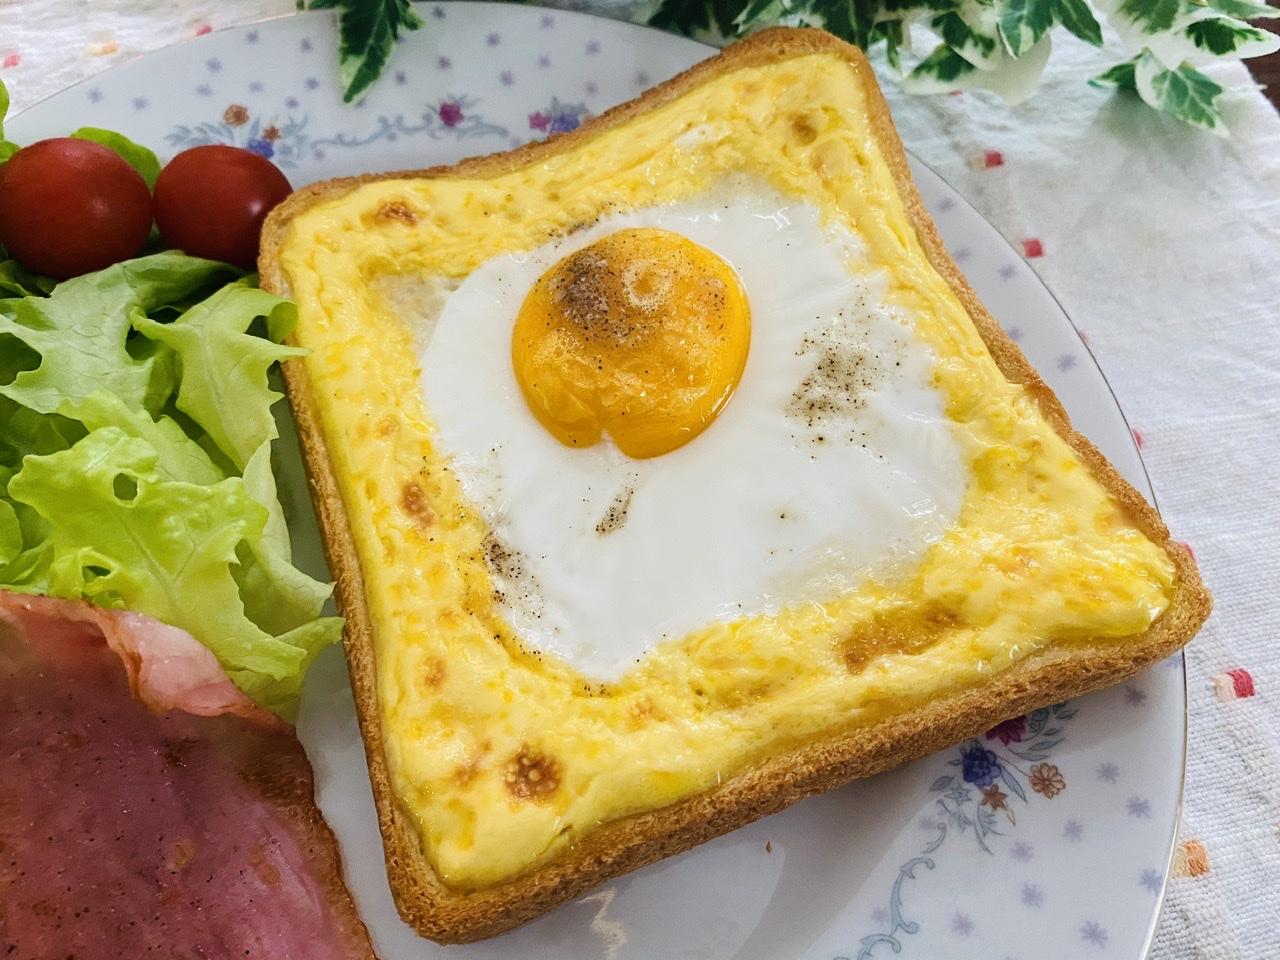 【おうち時間】簡単なのに絶品!《アレンジトースト》の人気レシピを実践してみた♡_2